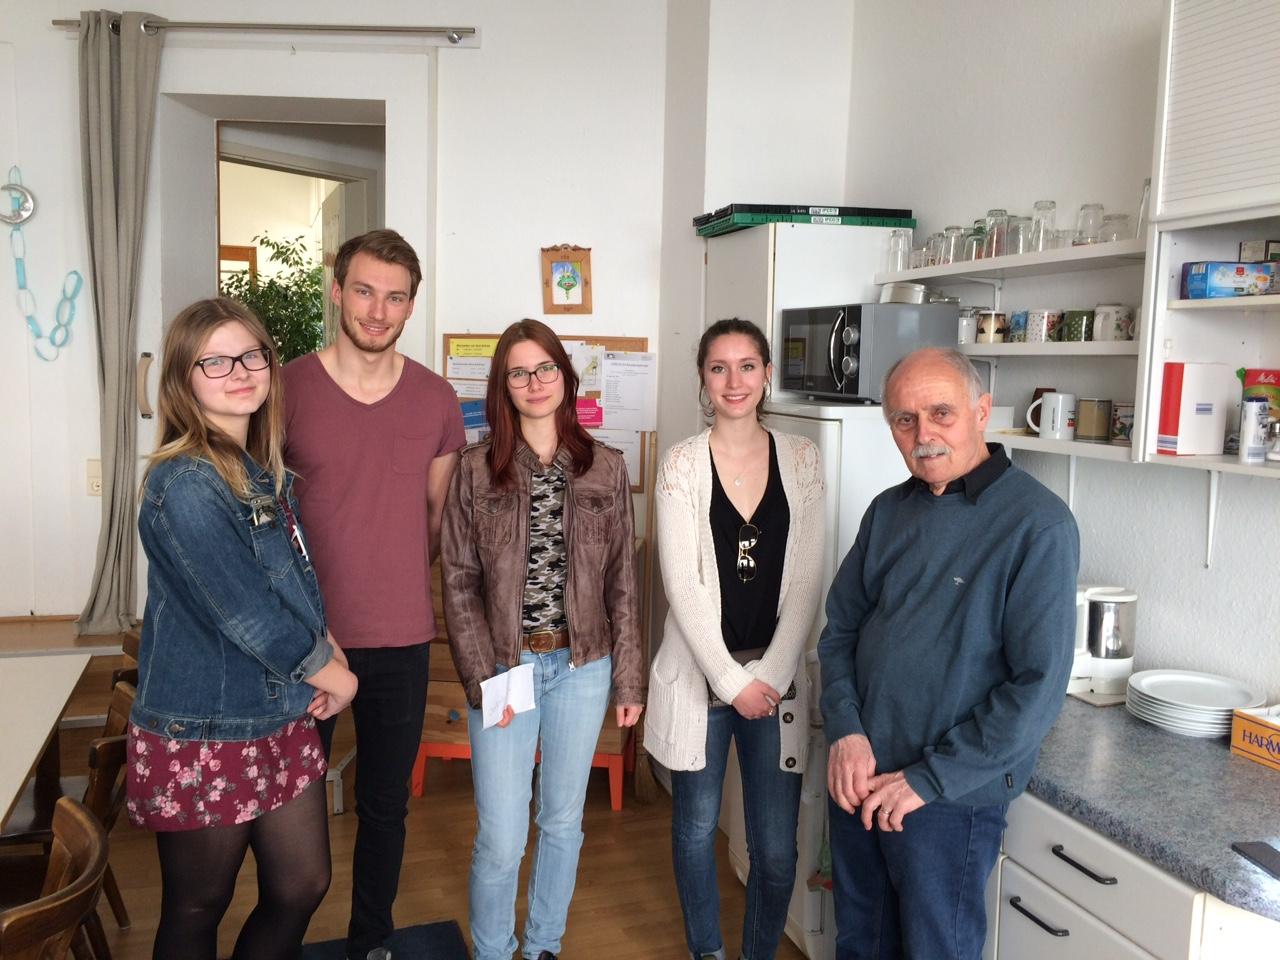 Großer Dank an die Louise Otto-Peters-Schule in Wiesloch